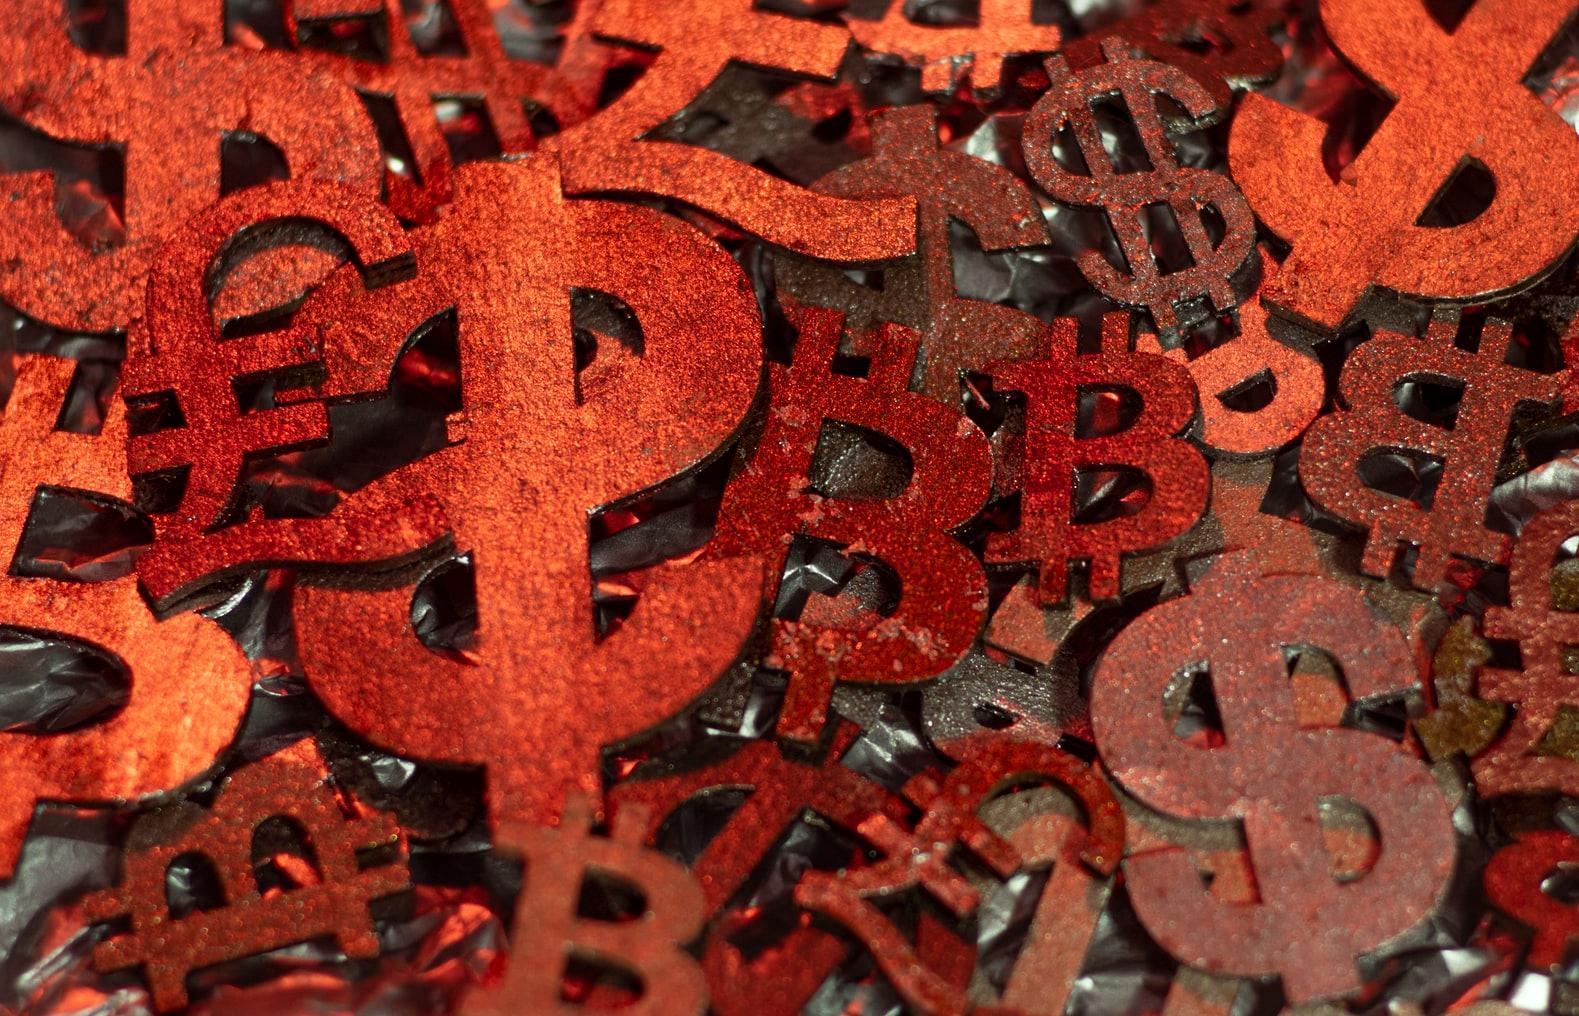 ВТБ поможет предпринимателям соблюдать требования валютного законодательства - новости Афанасий